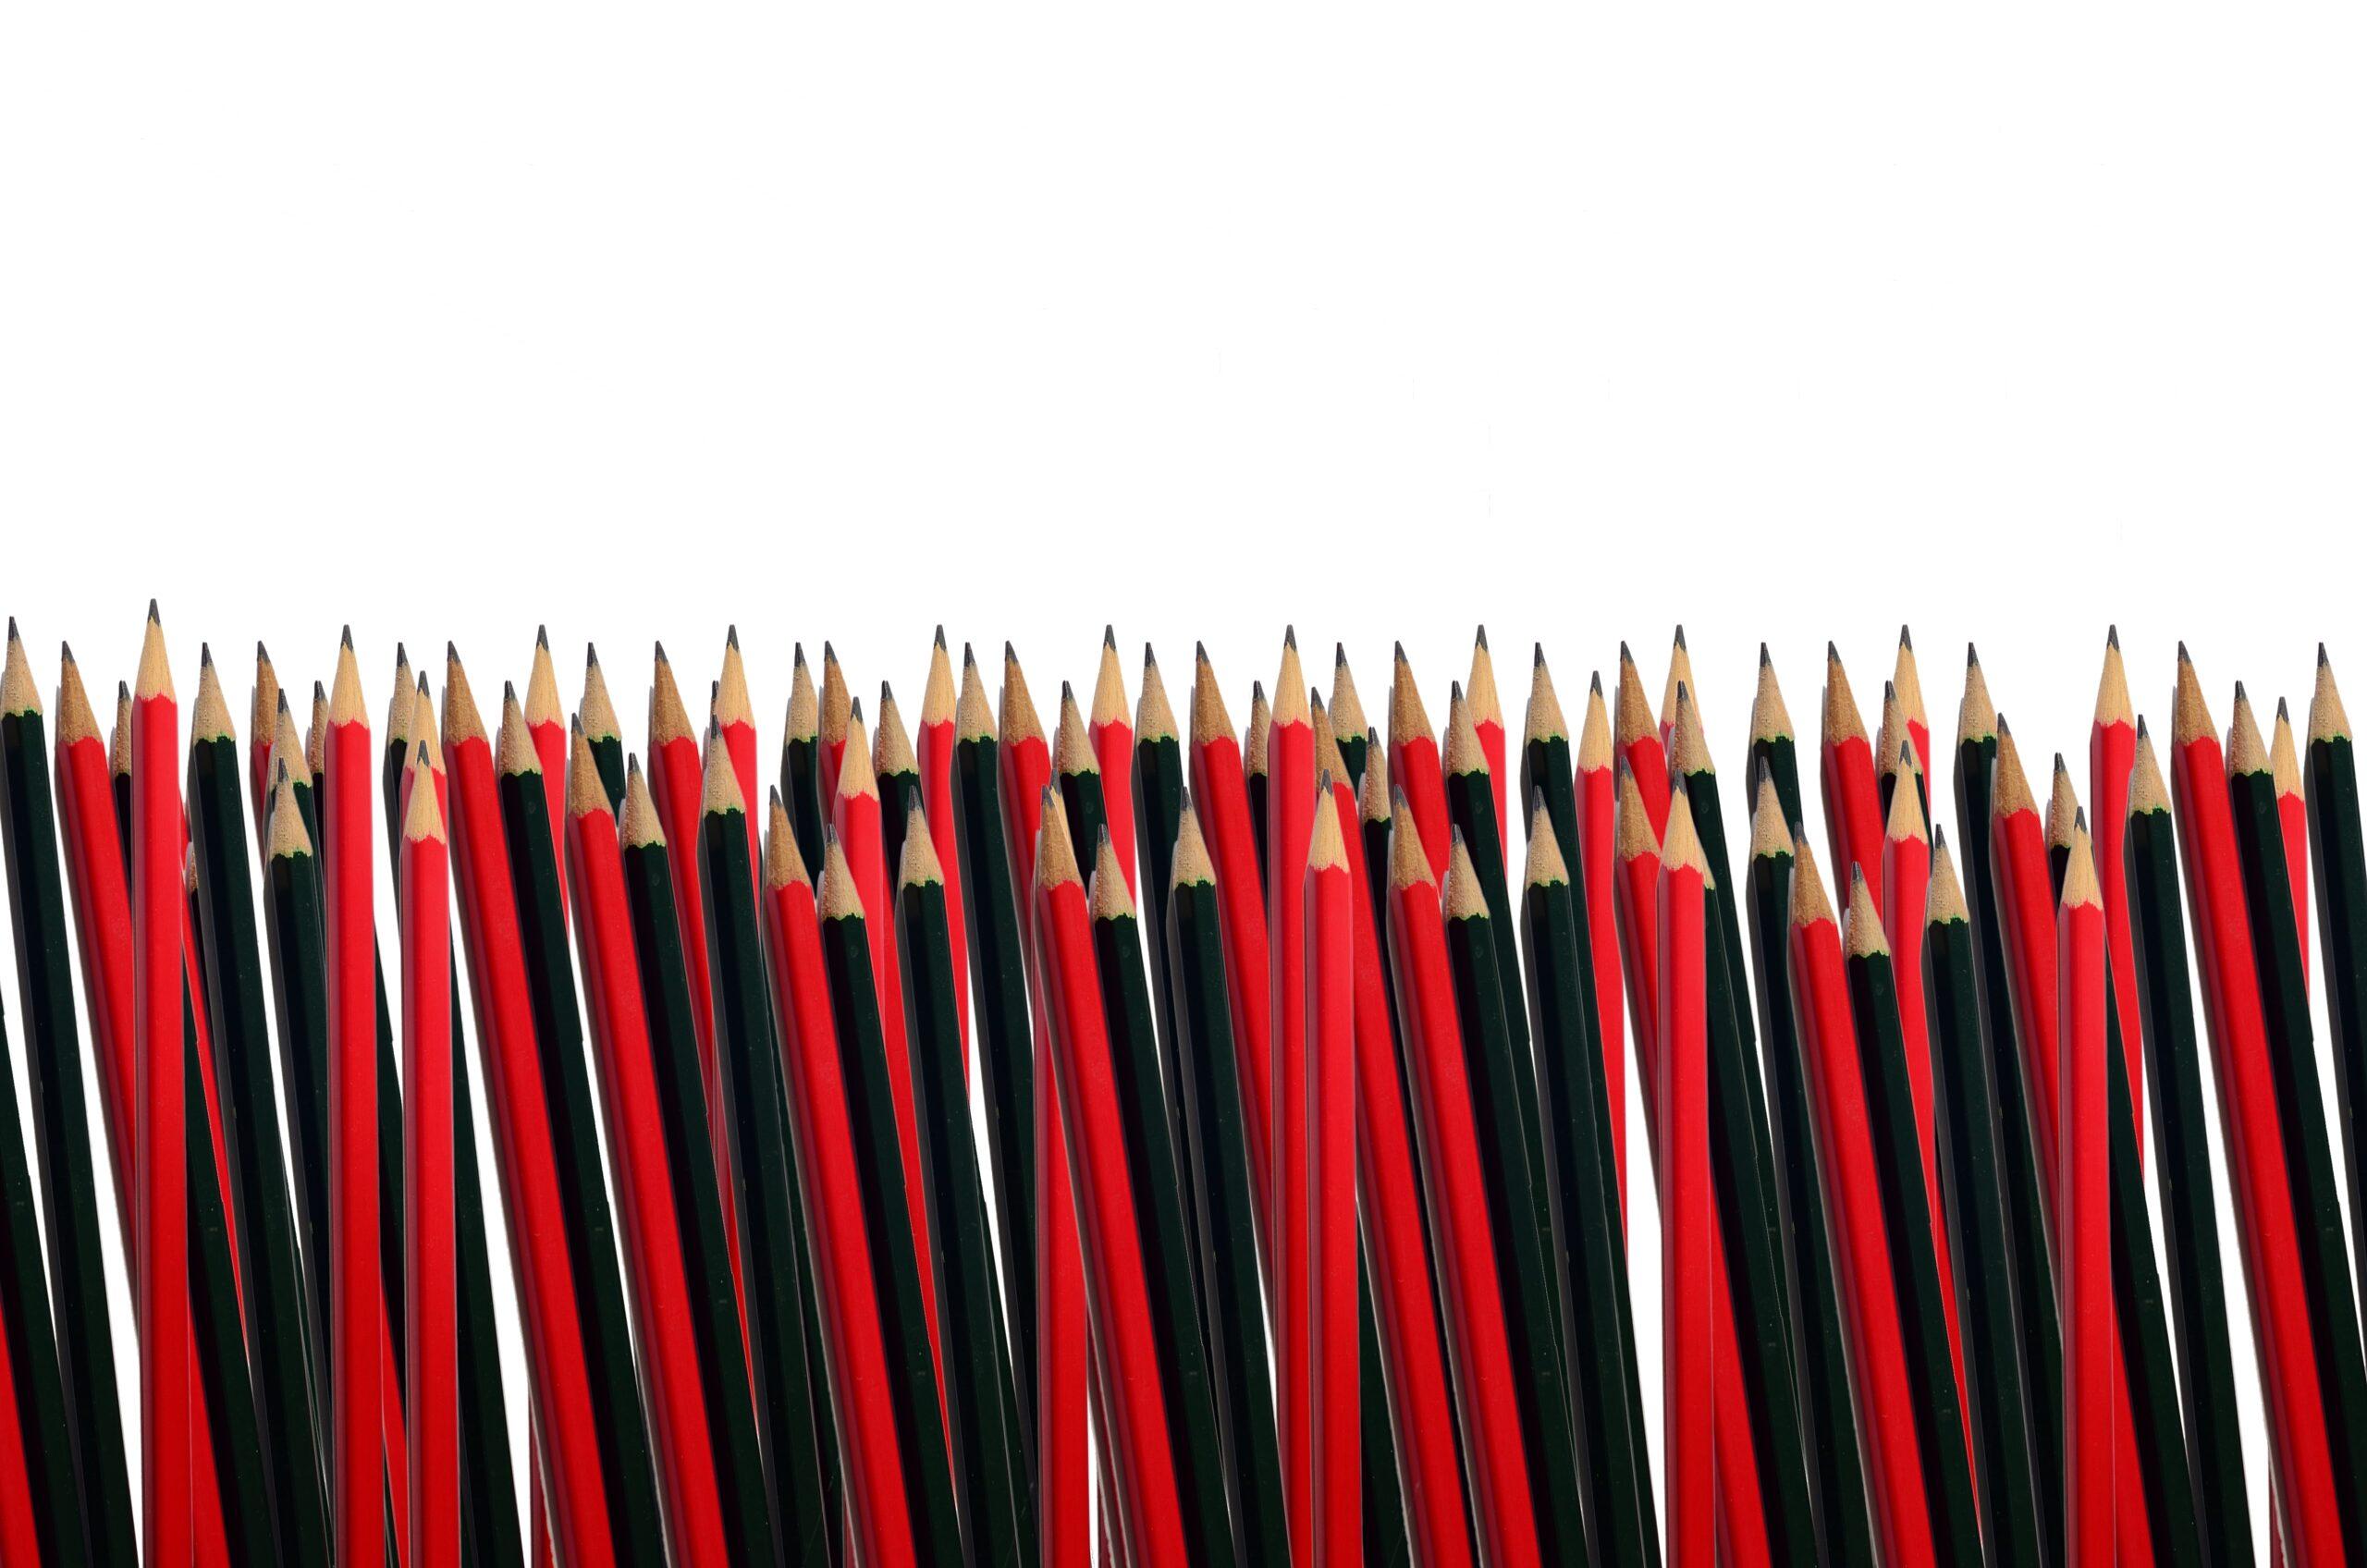 Rode en zwarte potloden